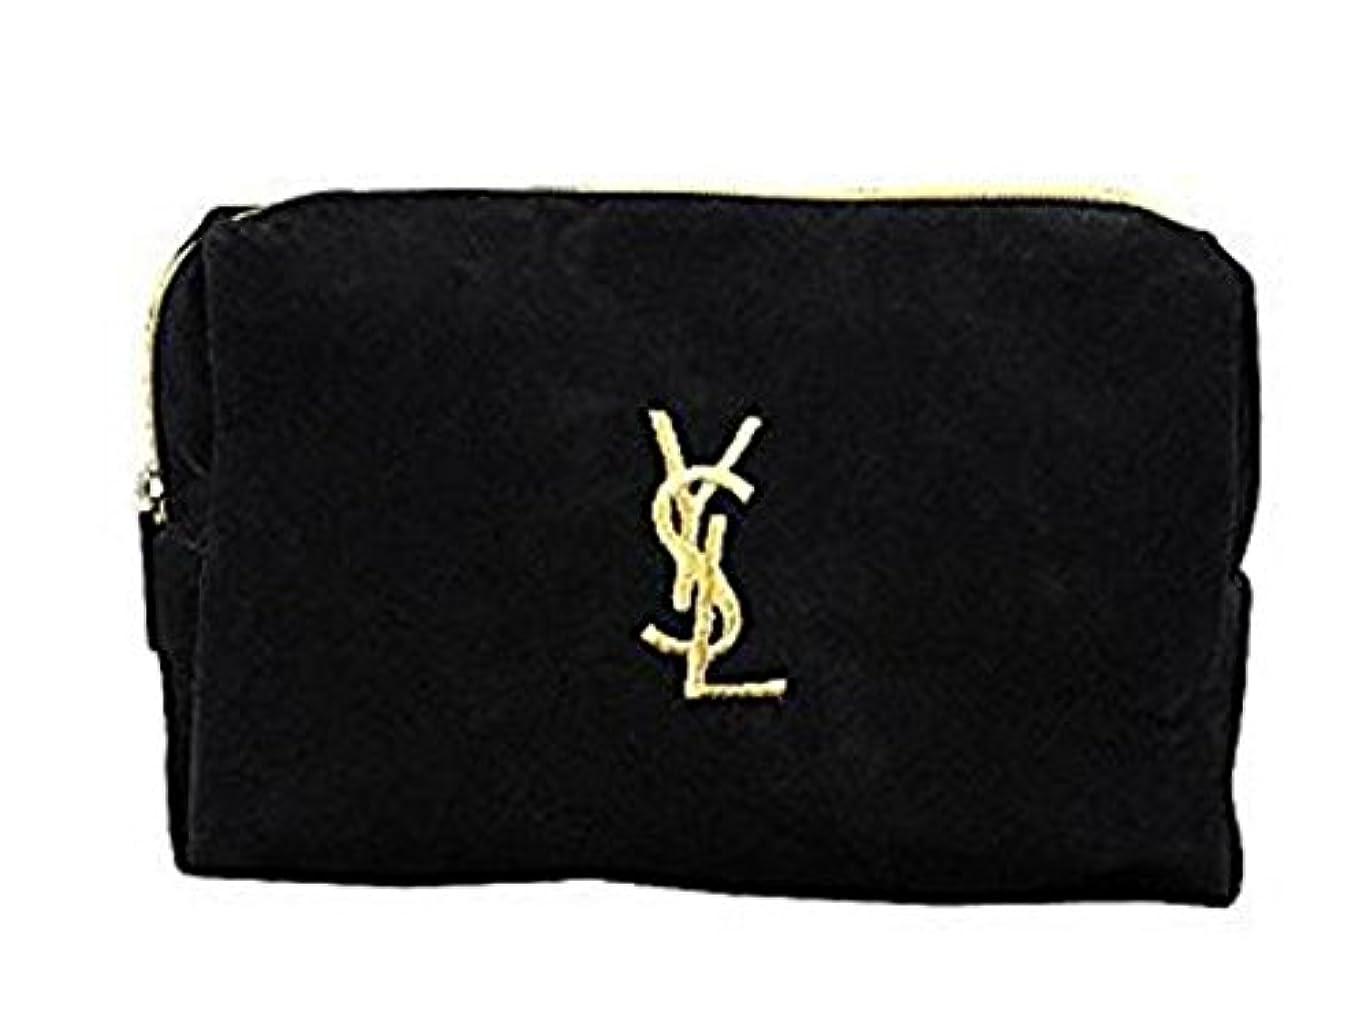 新鮮なキリスト教盆イヴ サンローラン Yves saint Laurent ポーチ 小物入れ ロゴ イエロ ブラック 化粧ポーチ 化粧 メイク コスメ アイシャドー ブラシ1本 付き